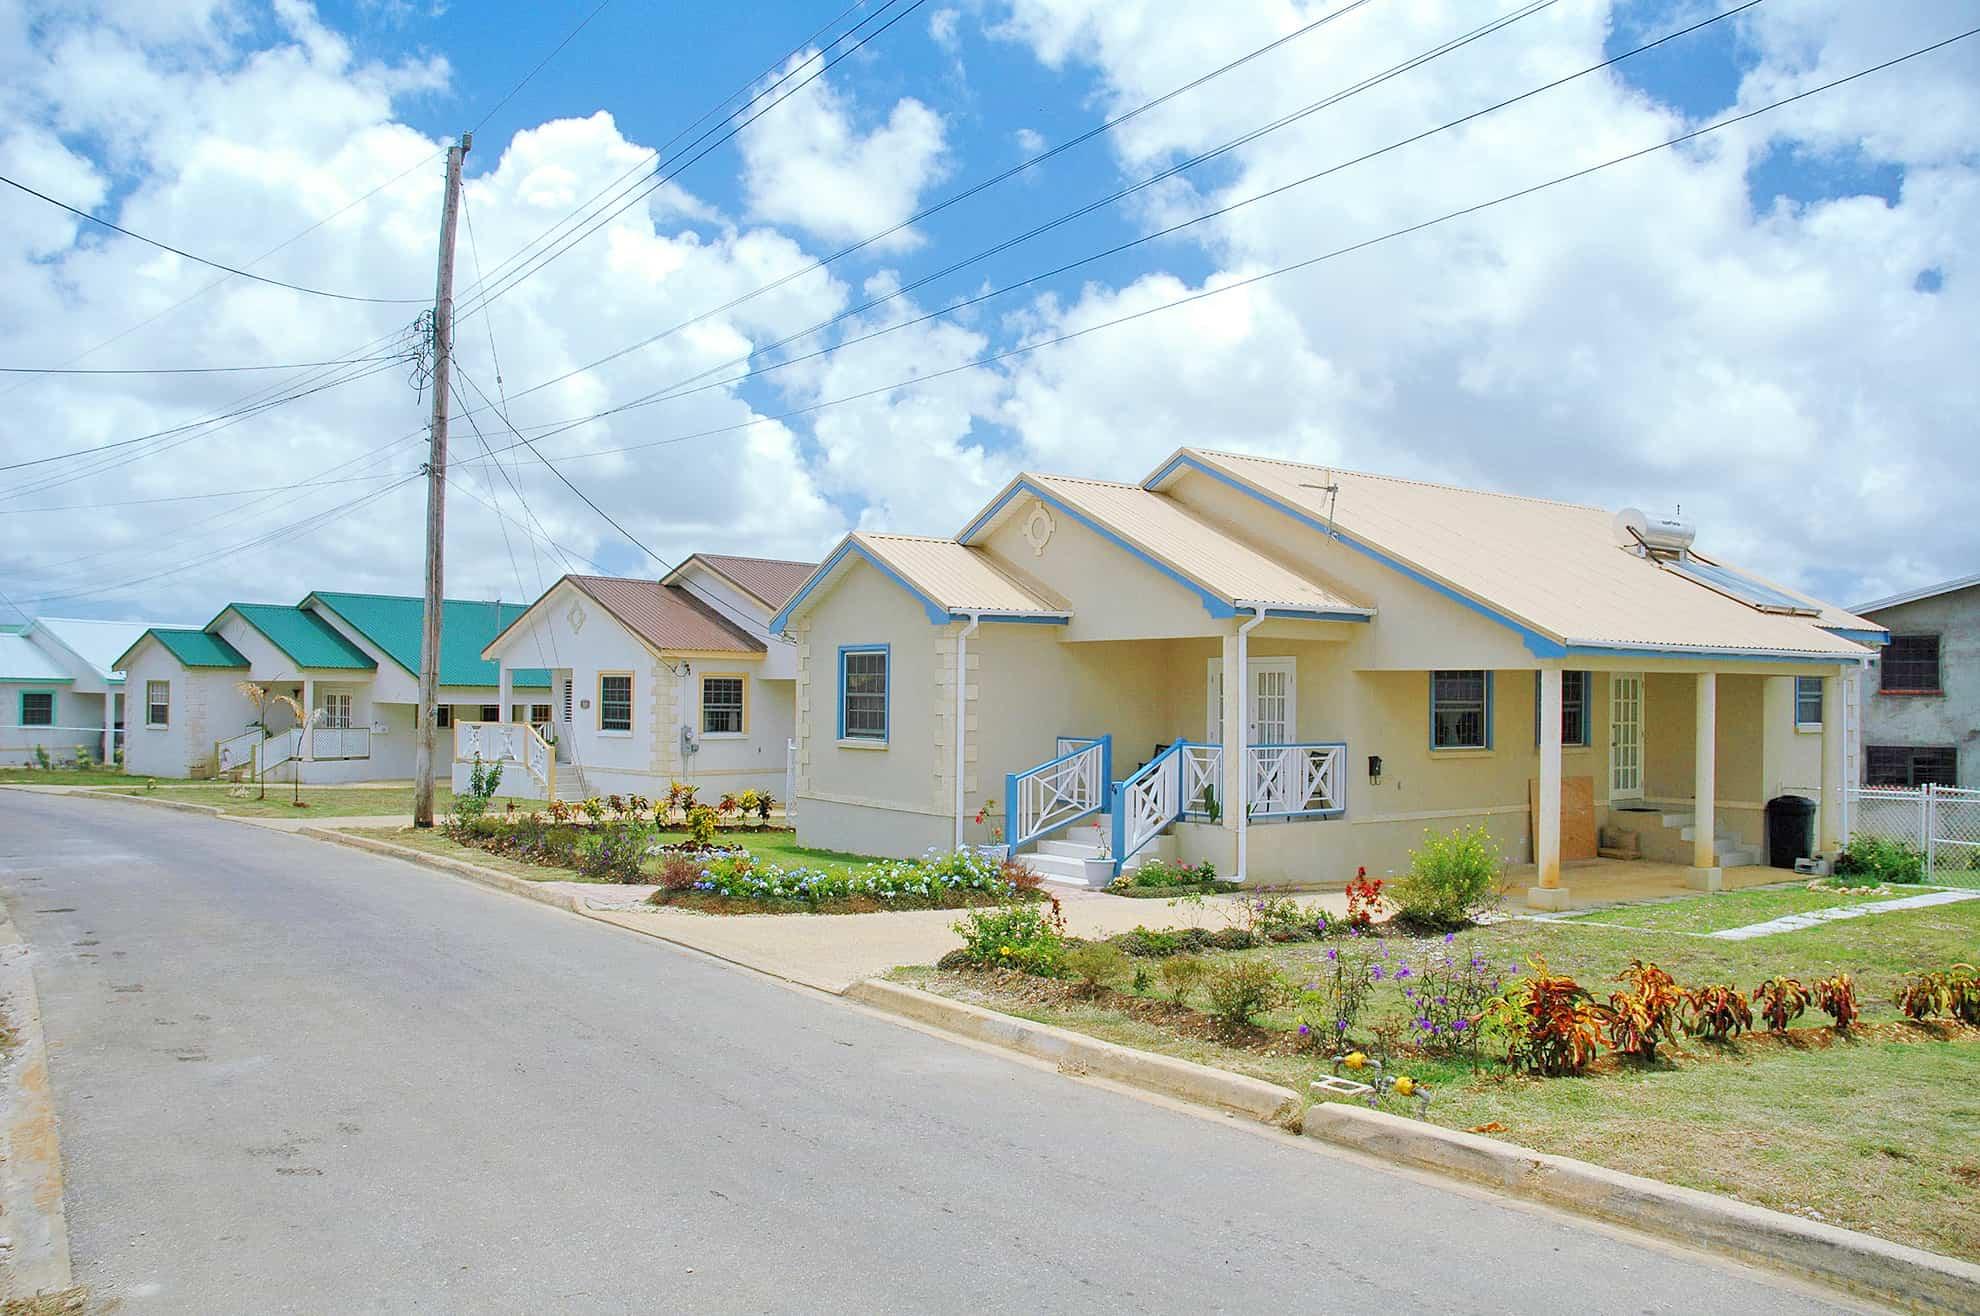 Precast family houses